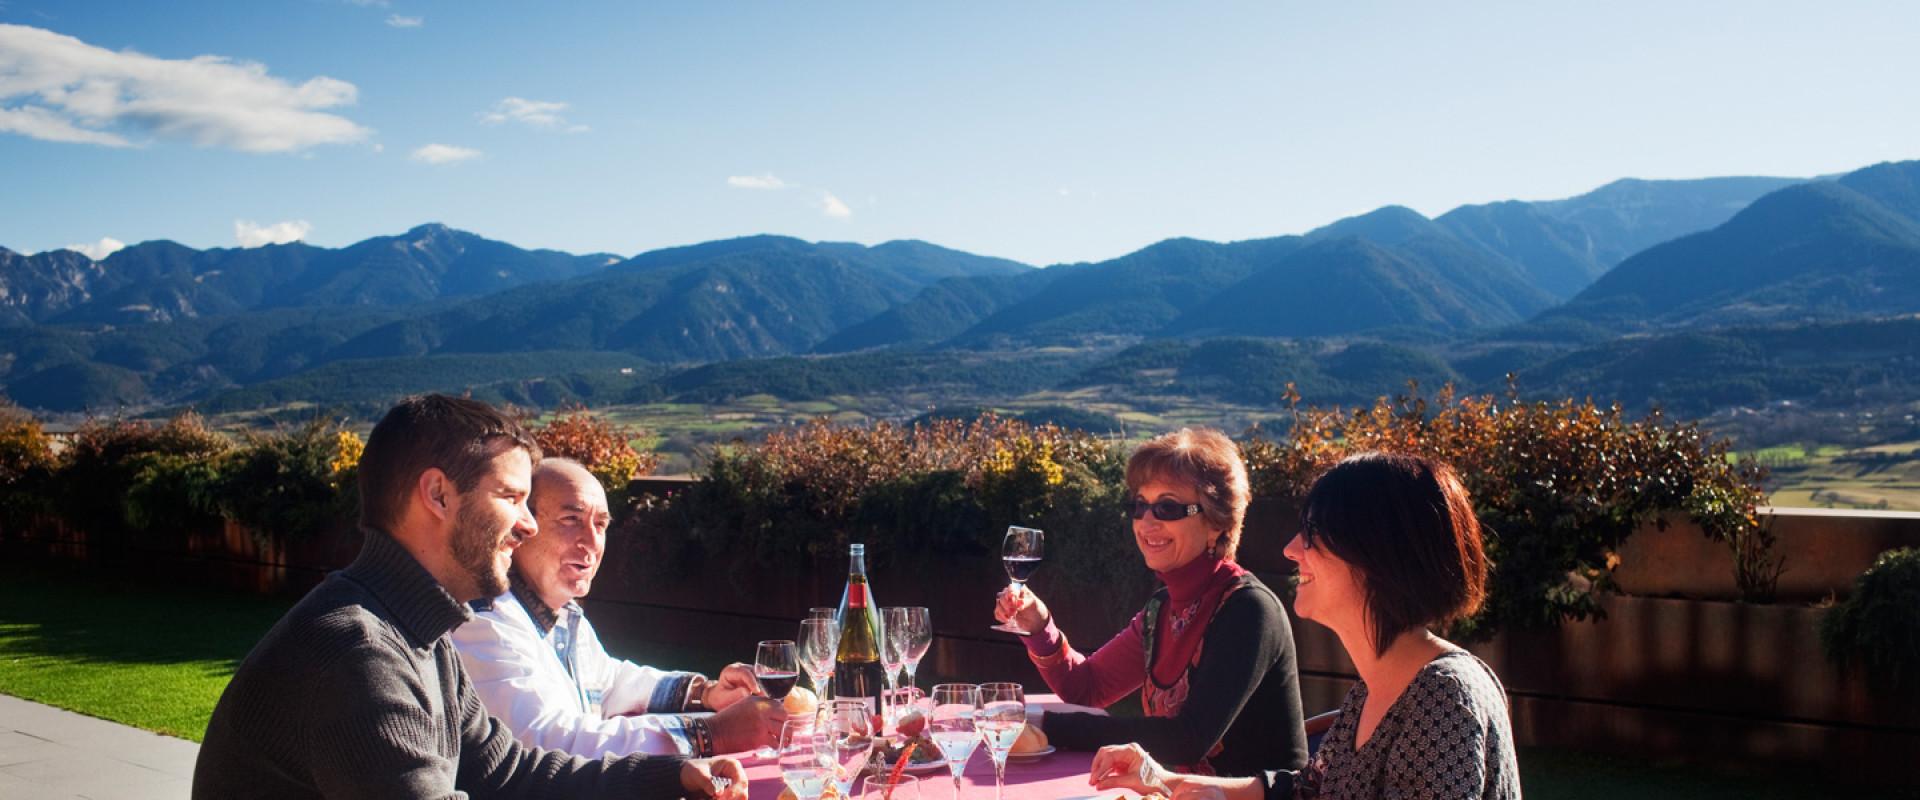 Genussreise in die Pyrenäen